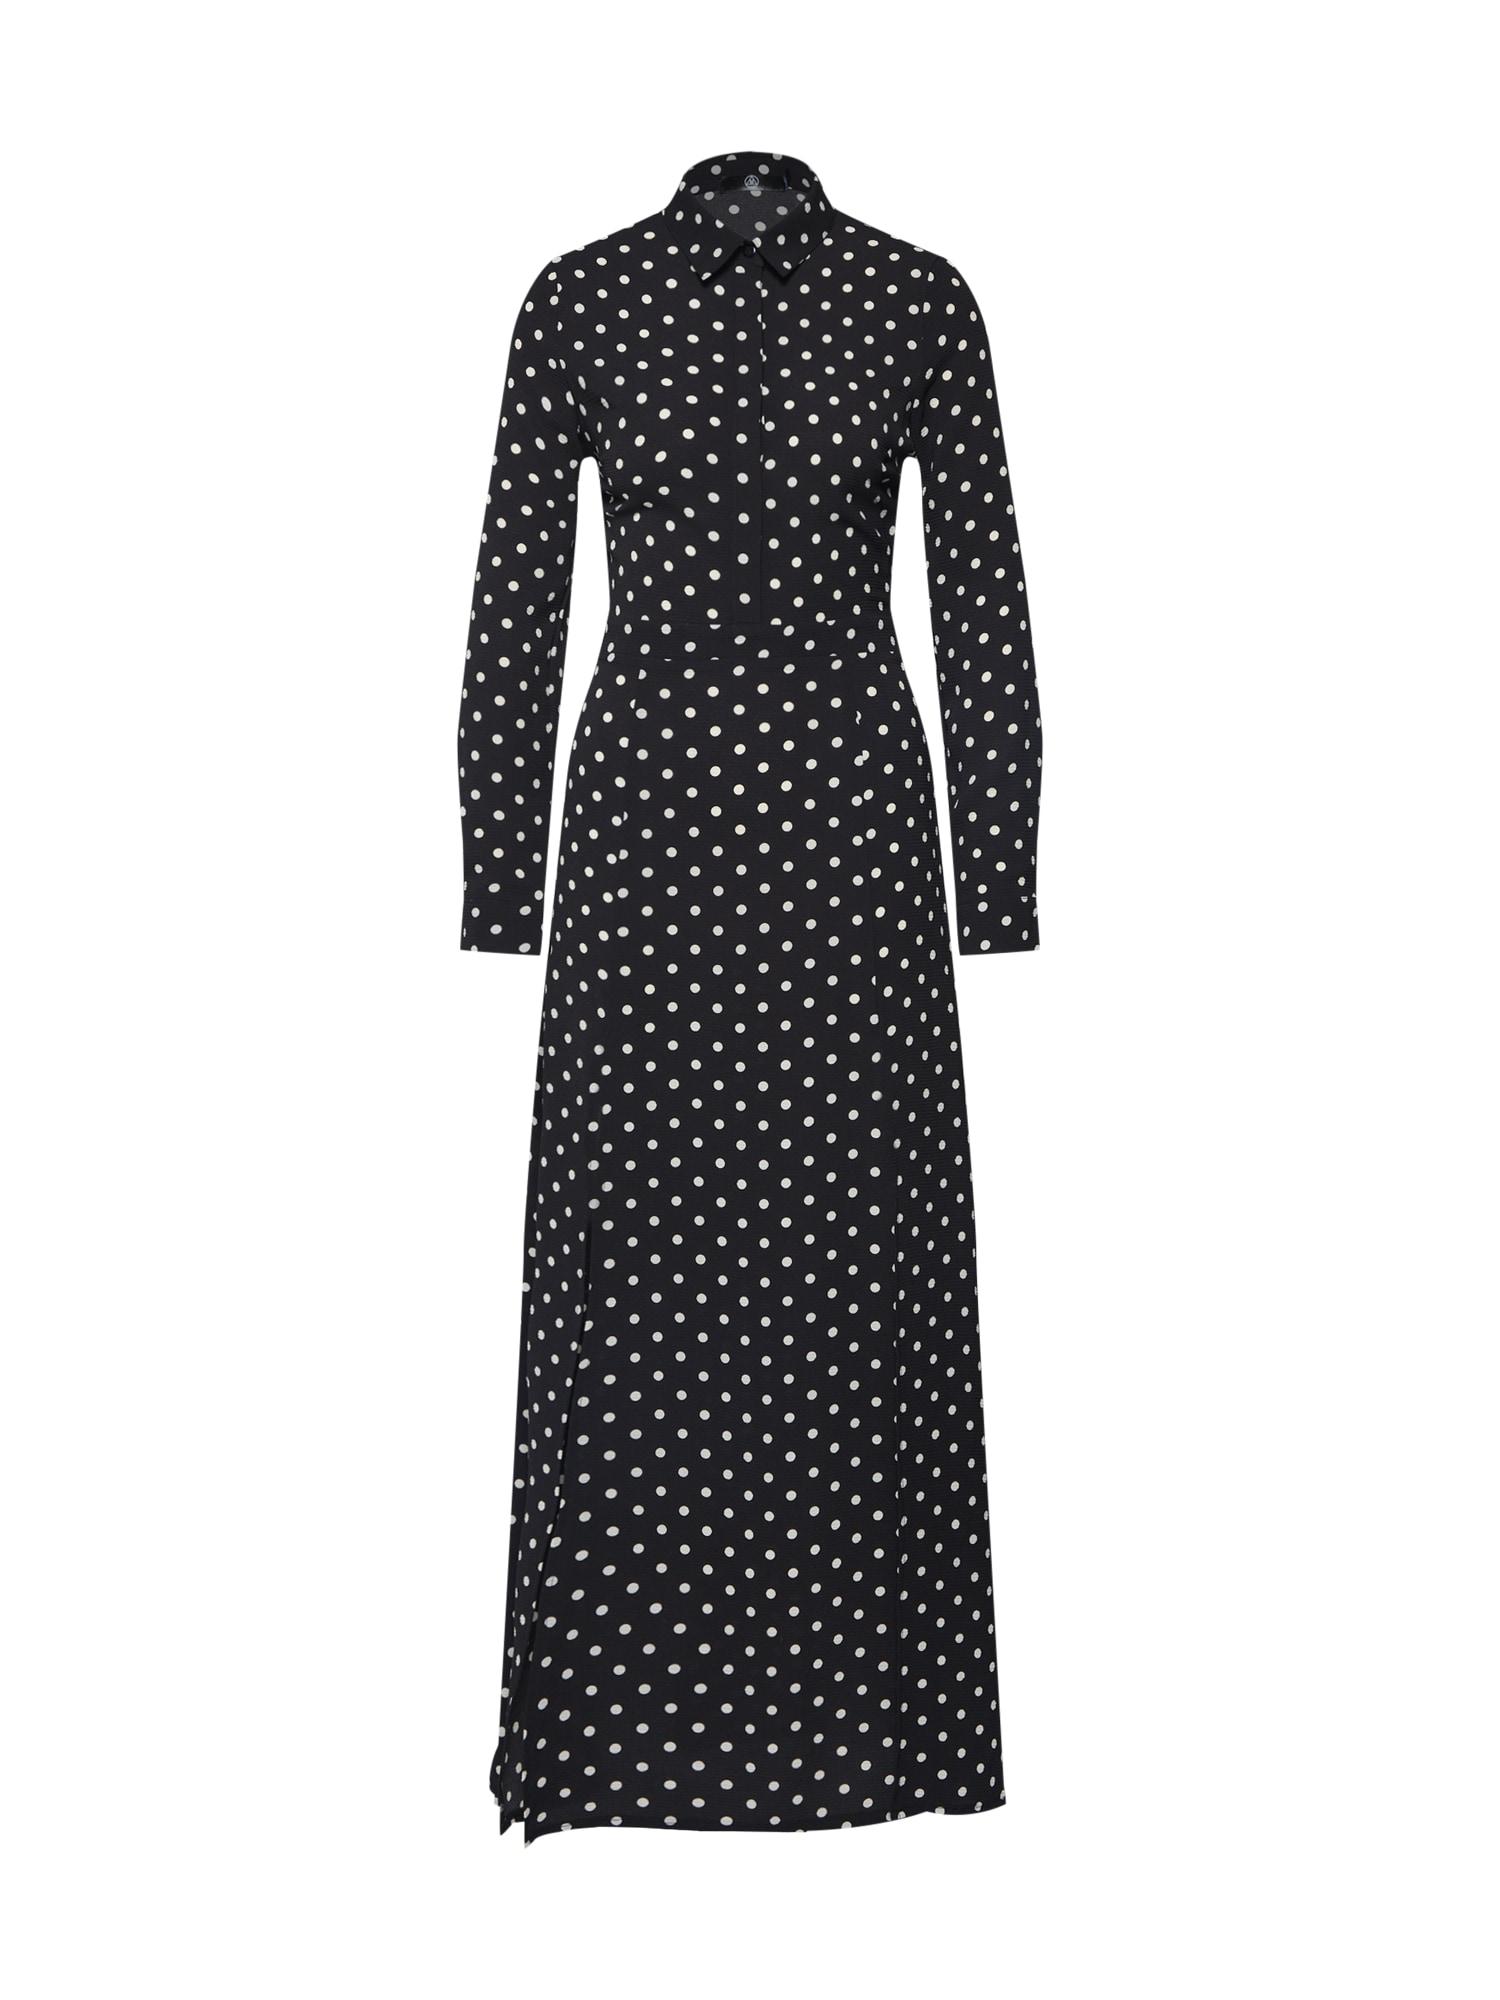 Košilové šaty Polka Dot Front Split Long Sleeve Maxi Dress Black černá bílá Missguided